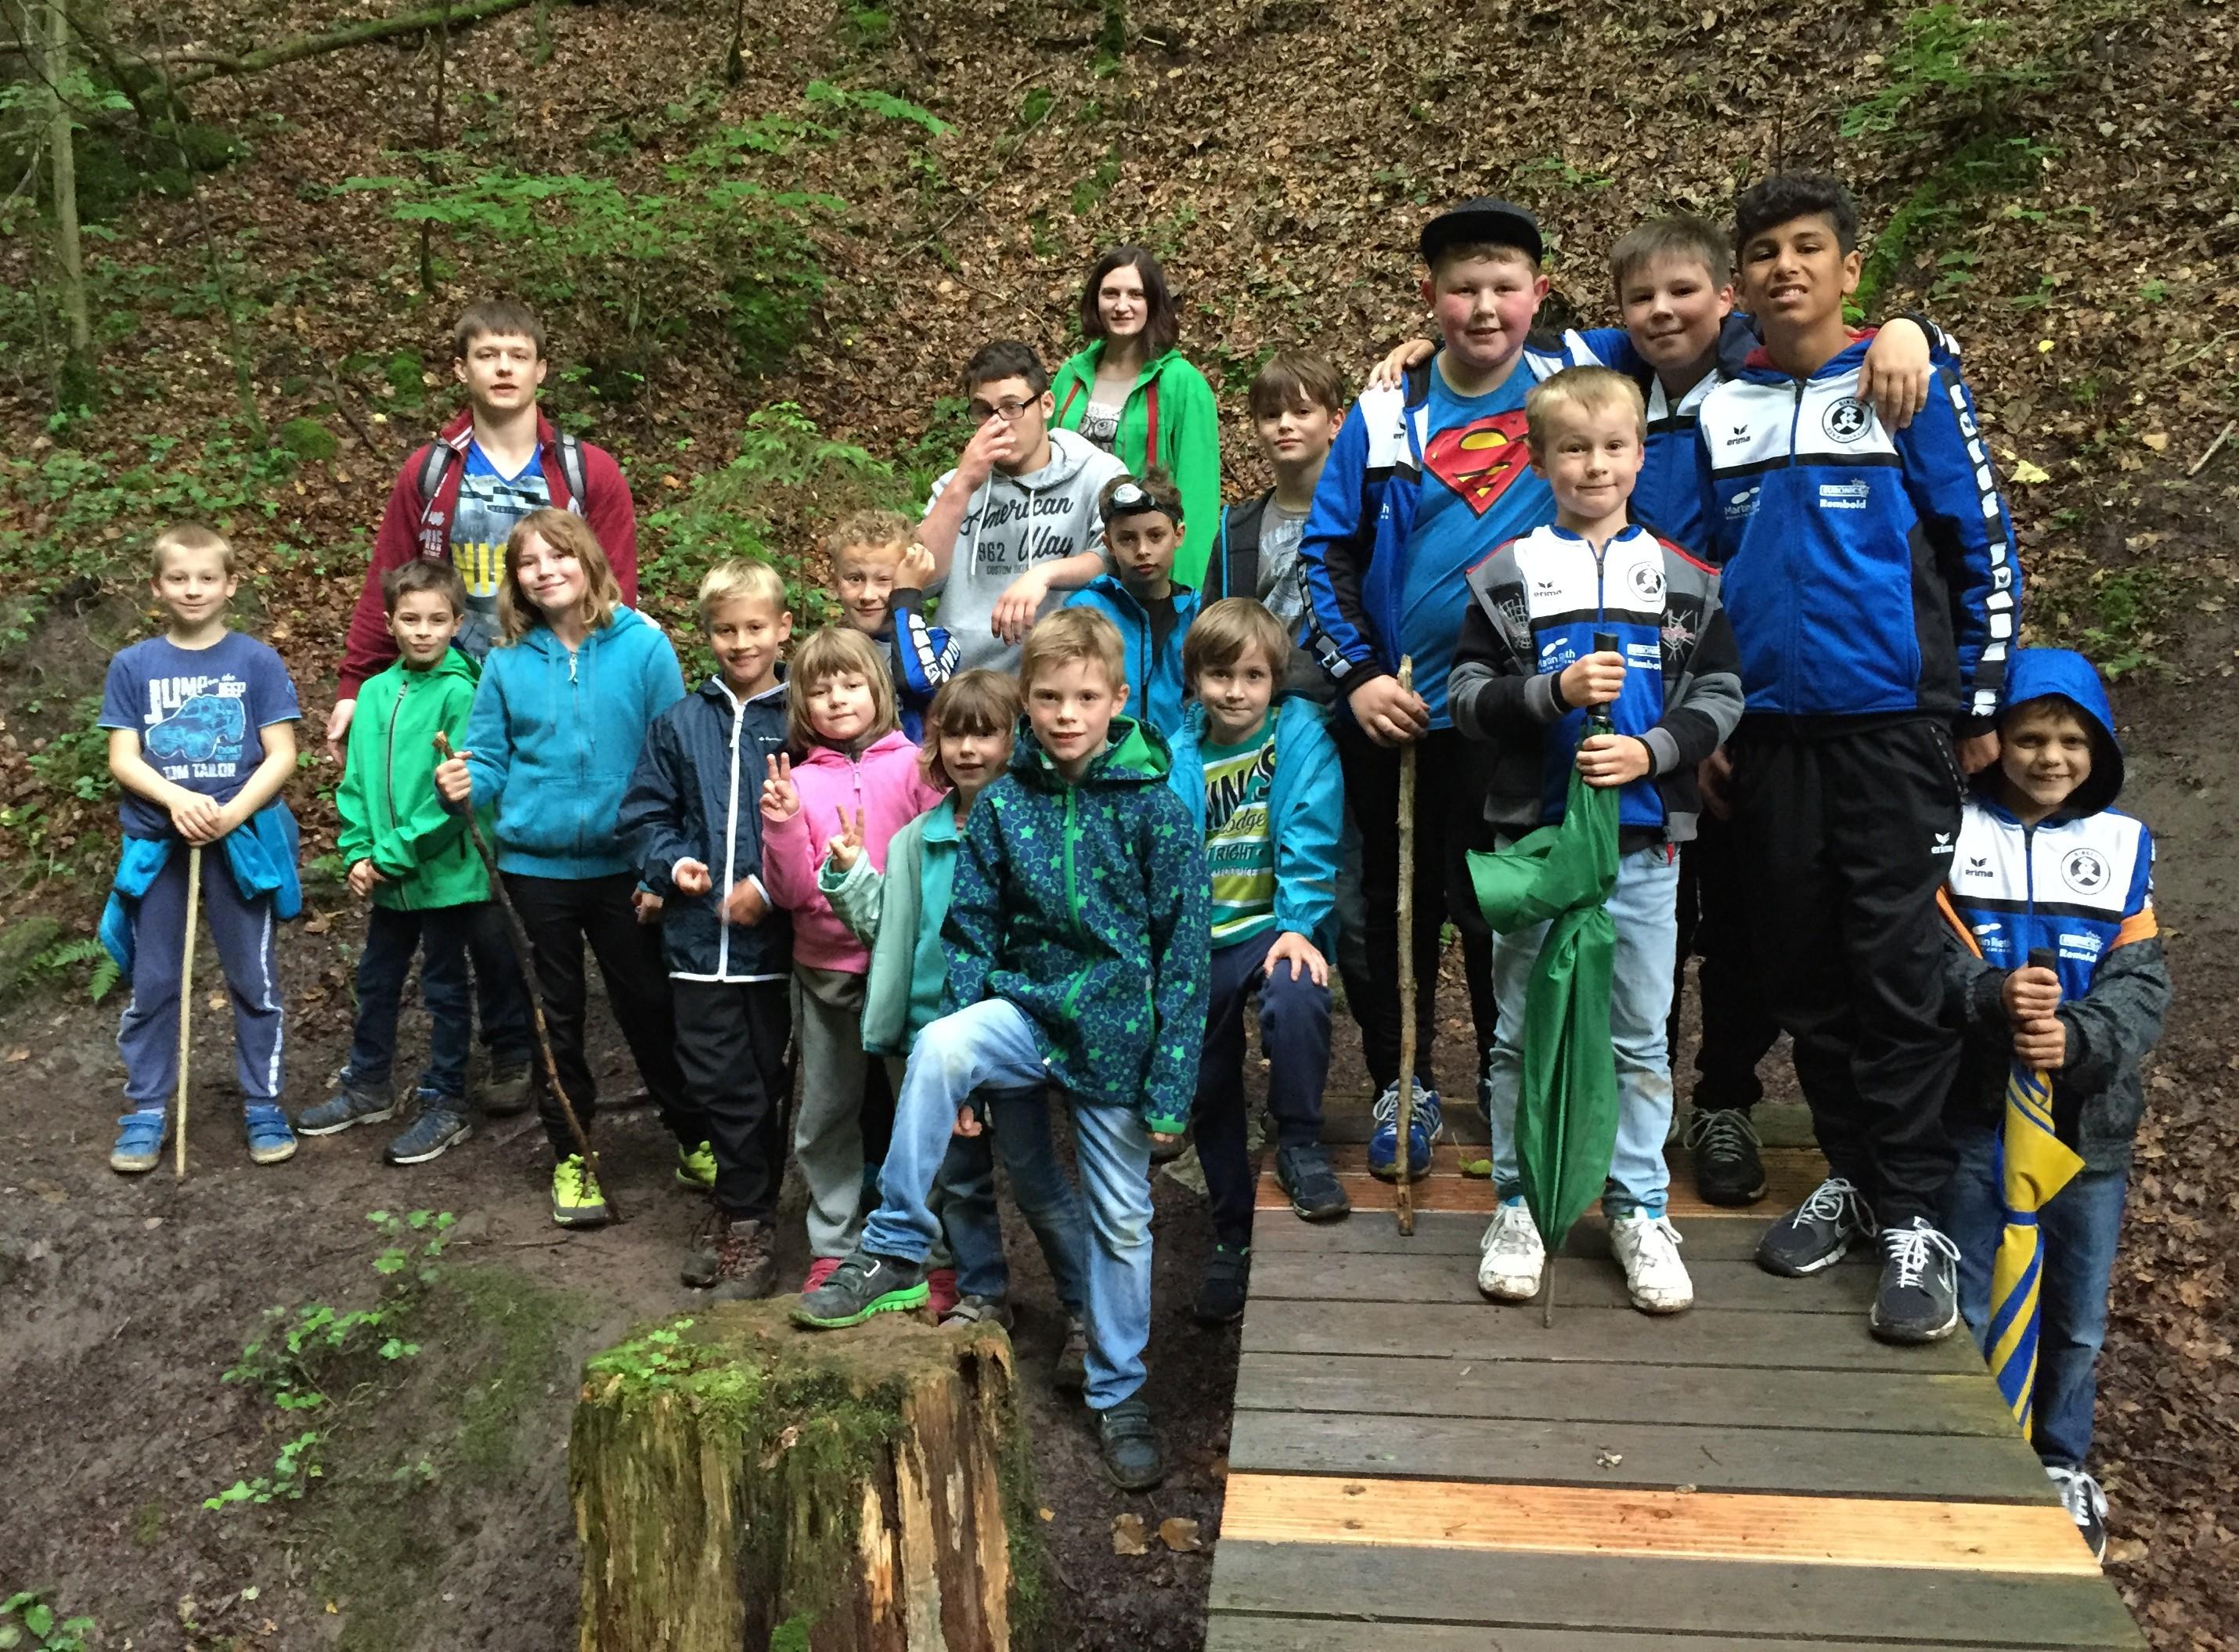 Sechselberg 2015 KSV Jugend Sommerfreizeit